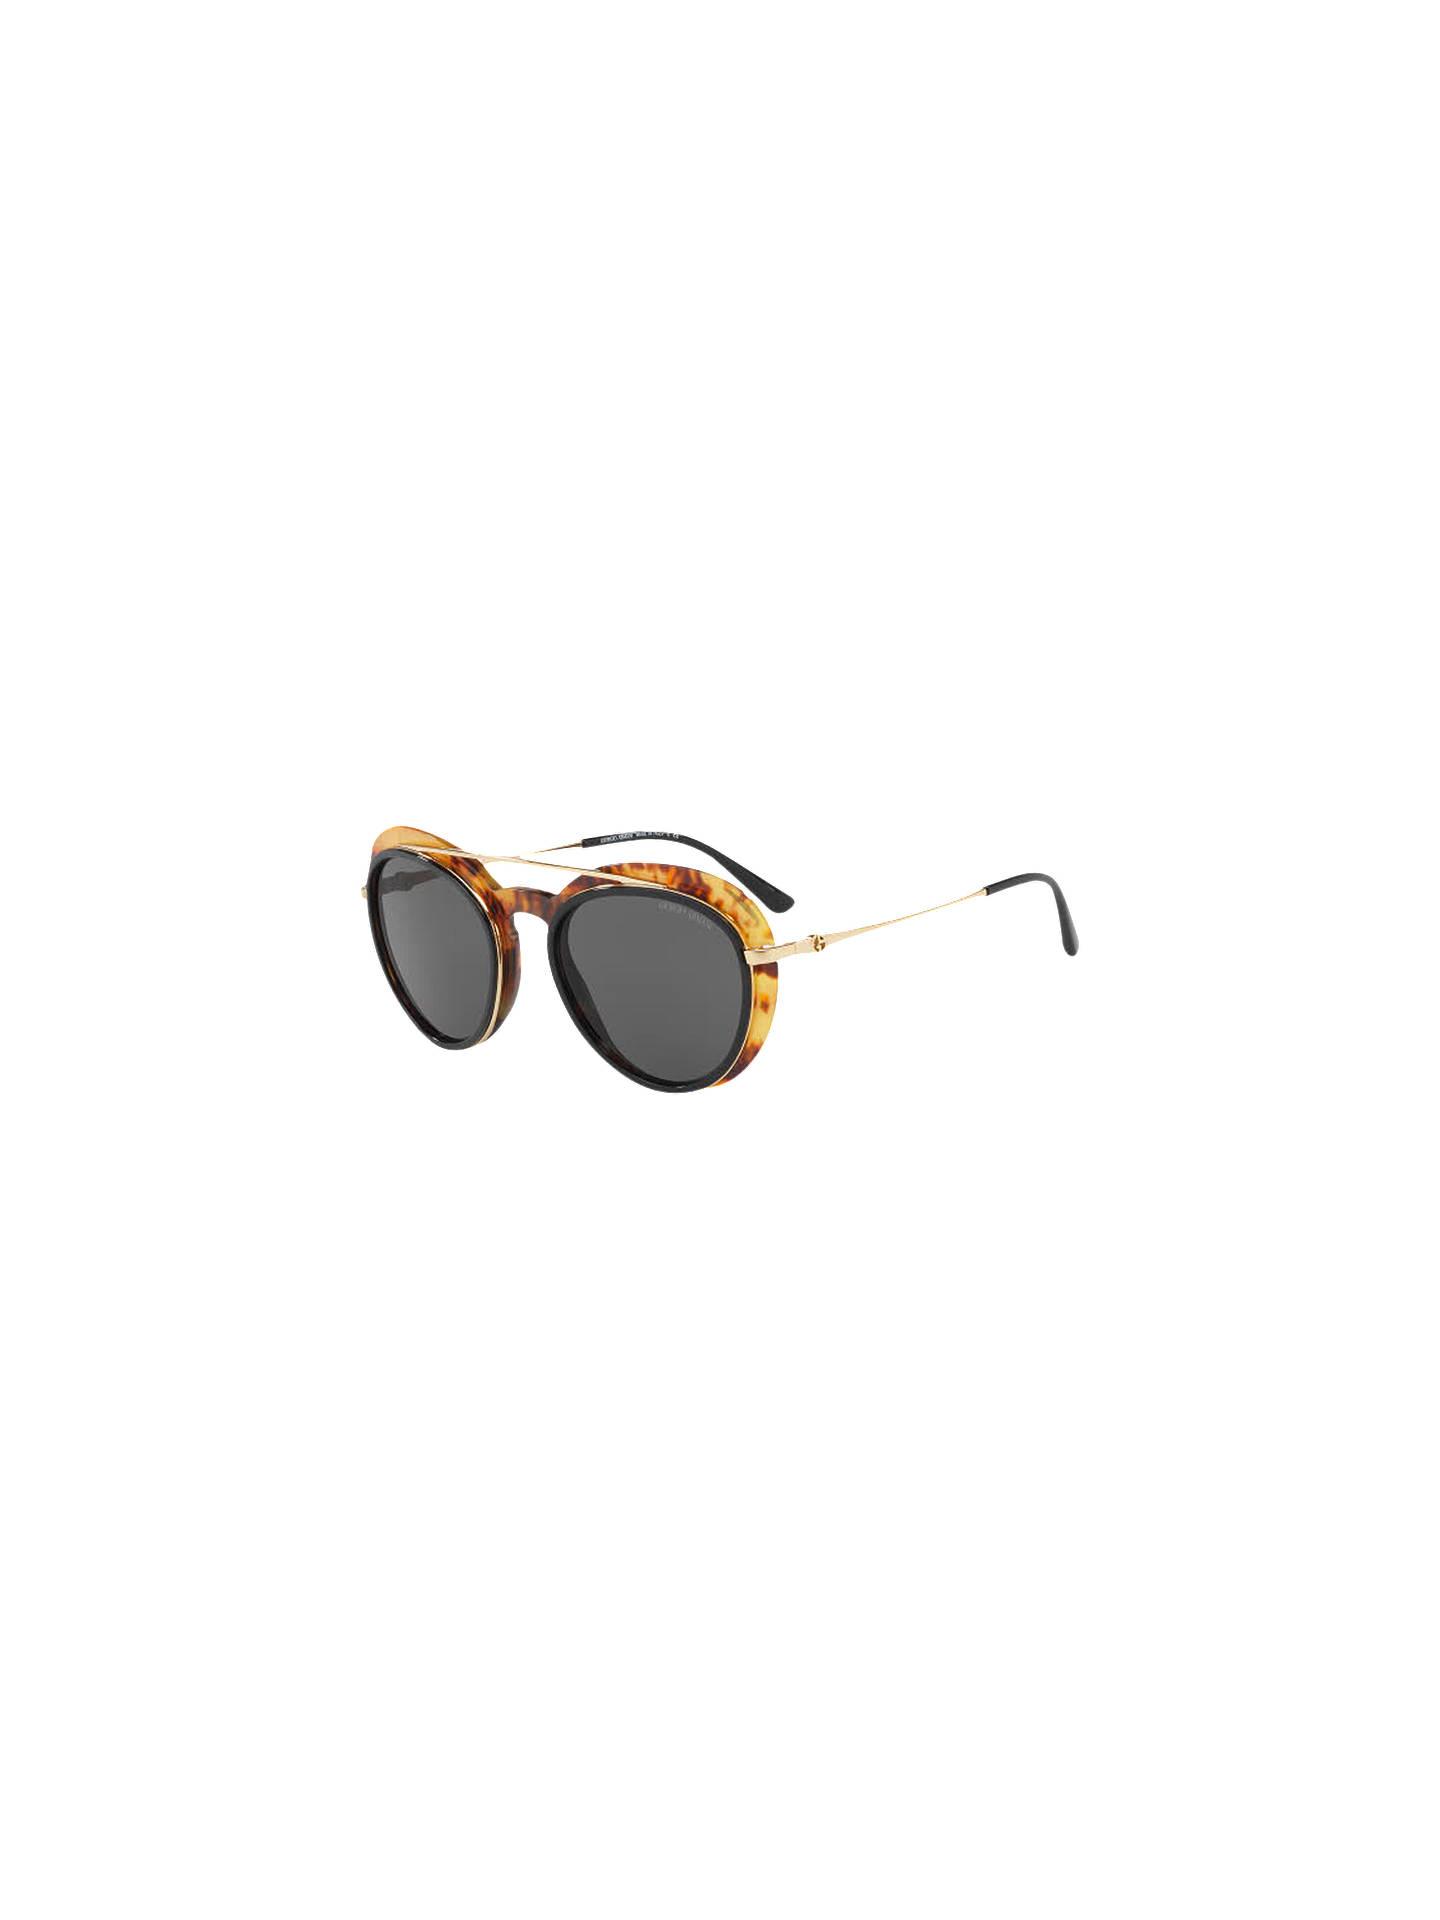 d305d38a20 Buy Giorgio Armani AR6055 Oval Sunglasses